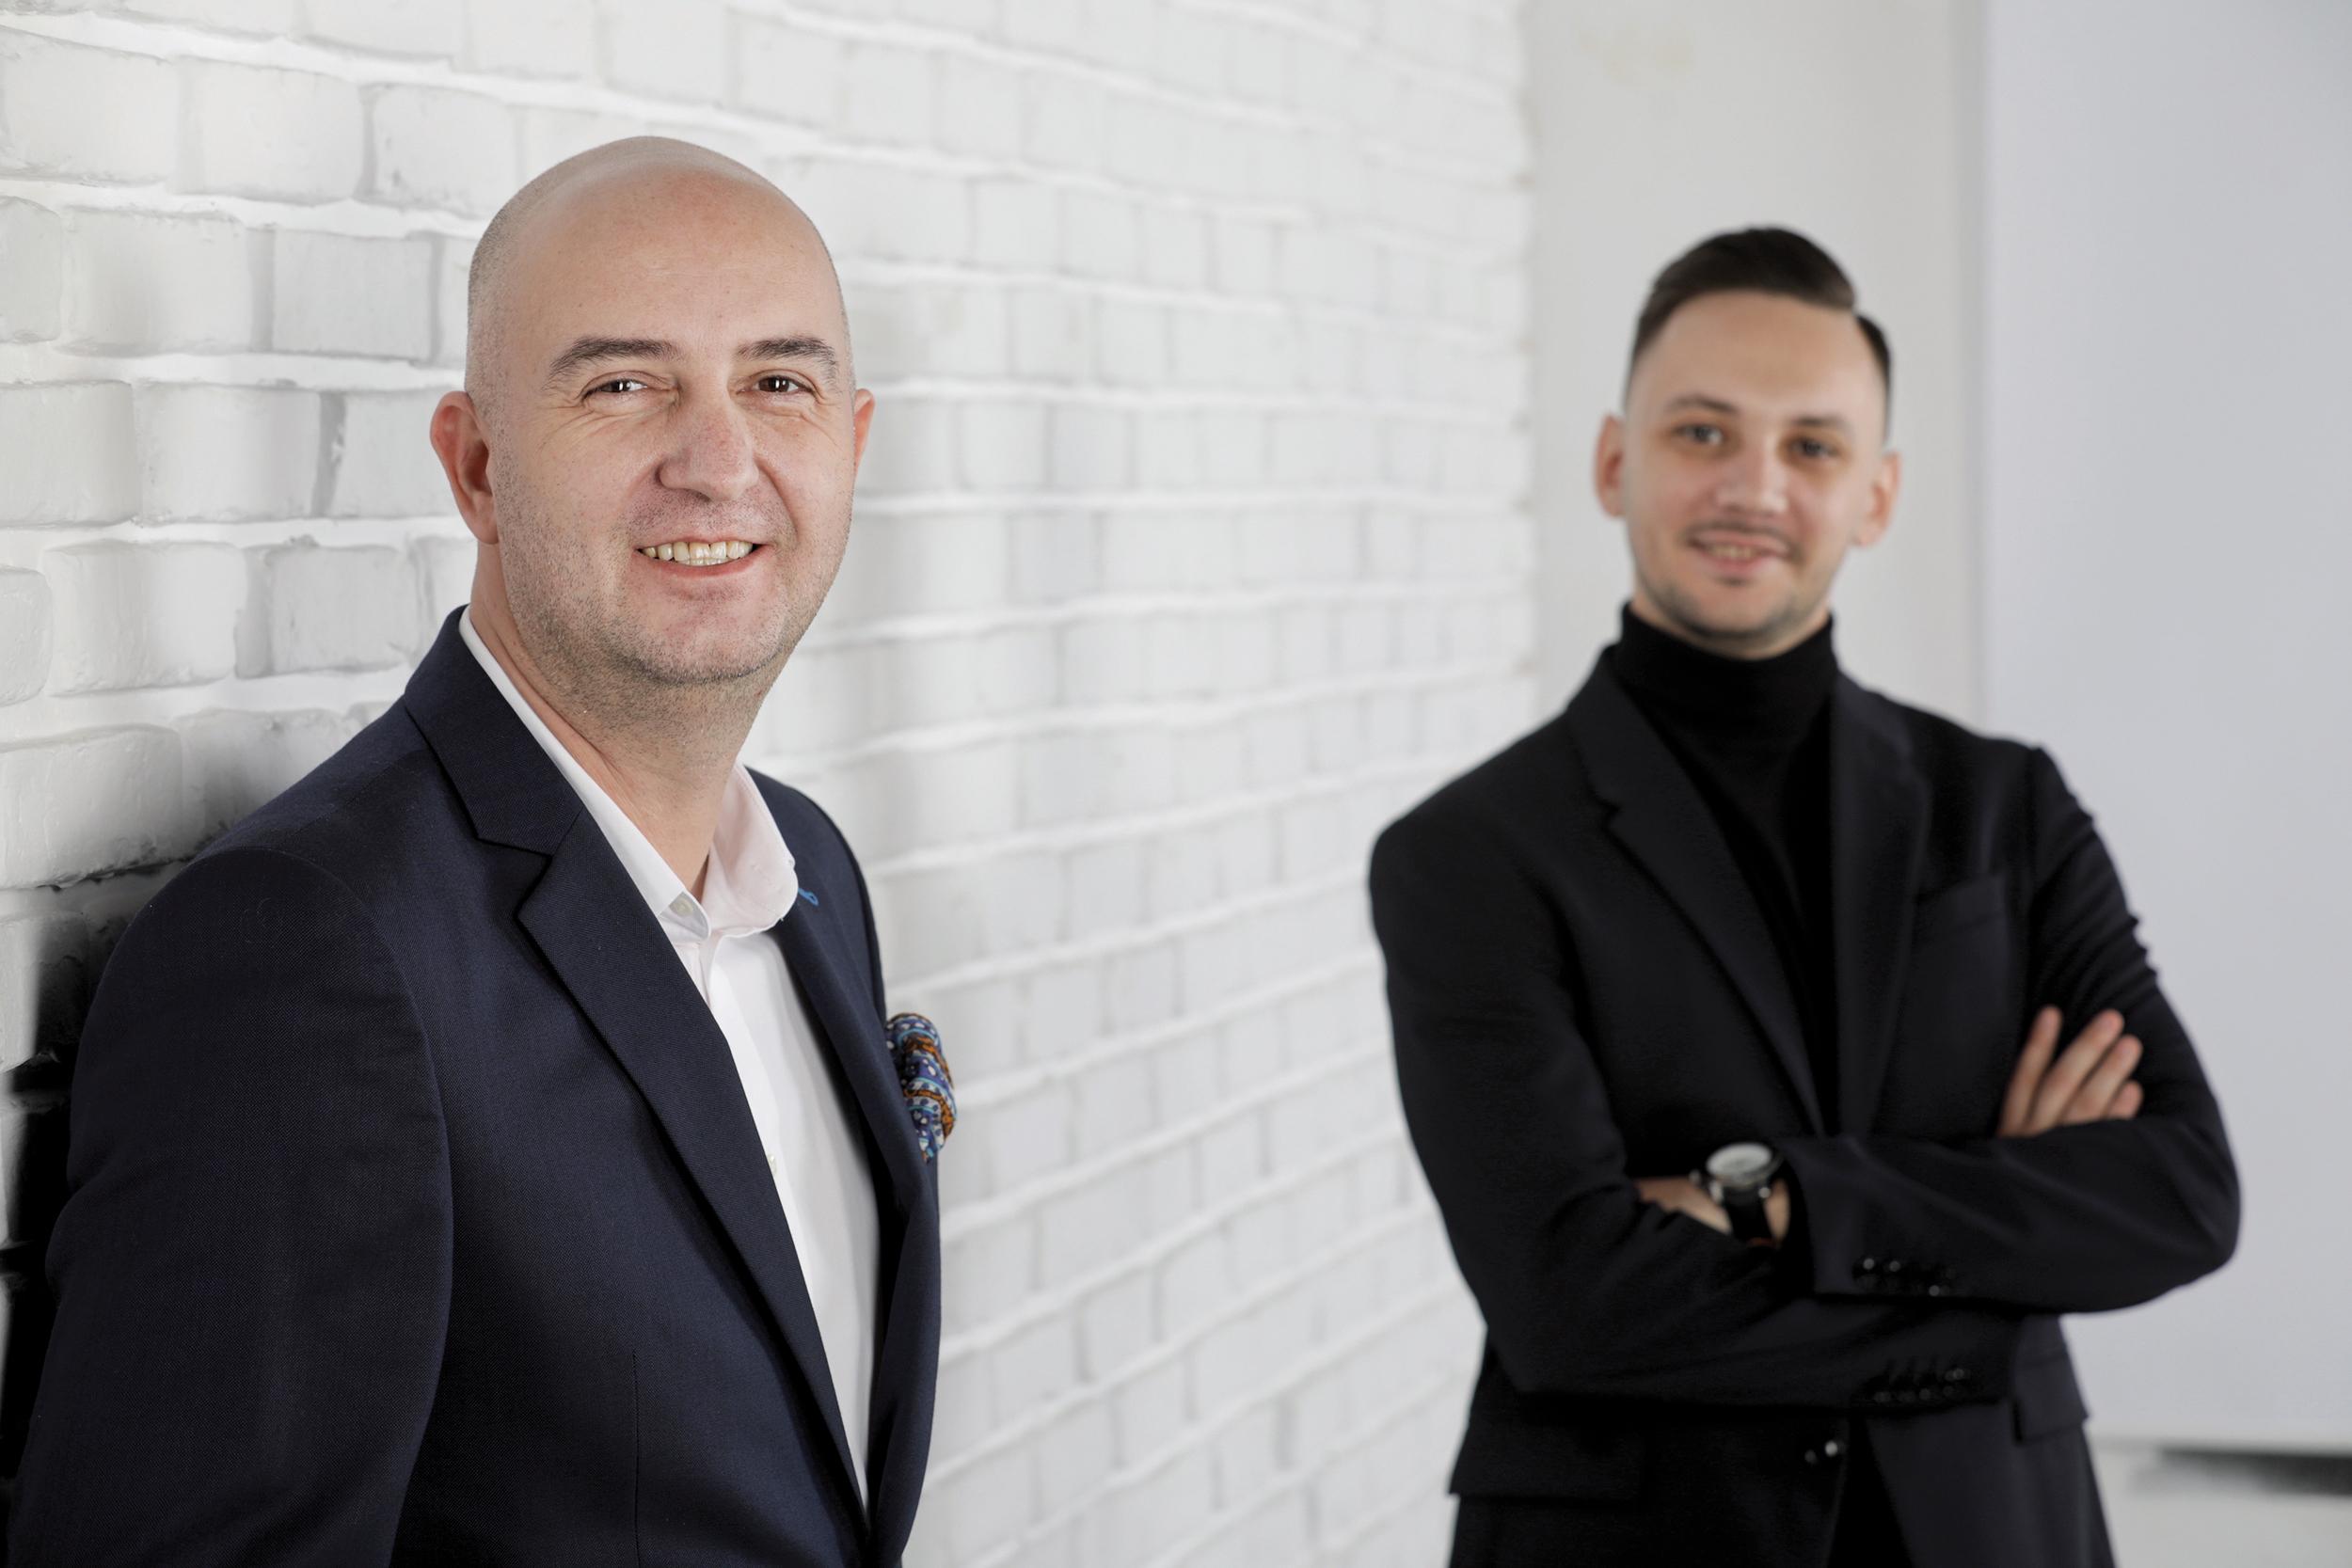 Business Magazin. Care sunt planurile lui Radu Savopol, cel care a fondat 5 to go, pentru 2021 şi în cât timp îţi poţi recupera banii dacă investeşti în această franciză